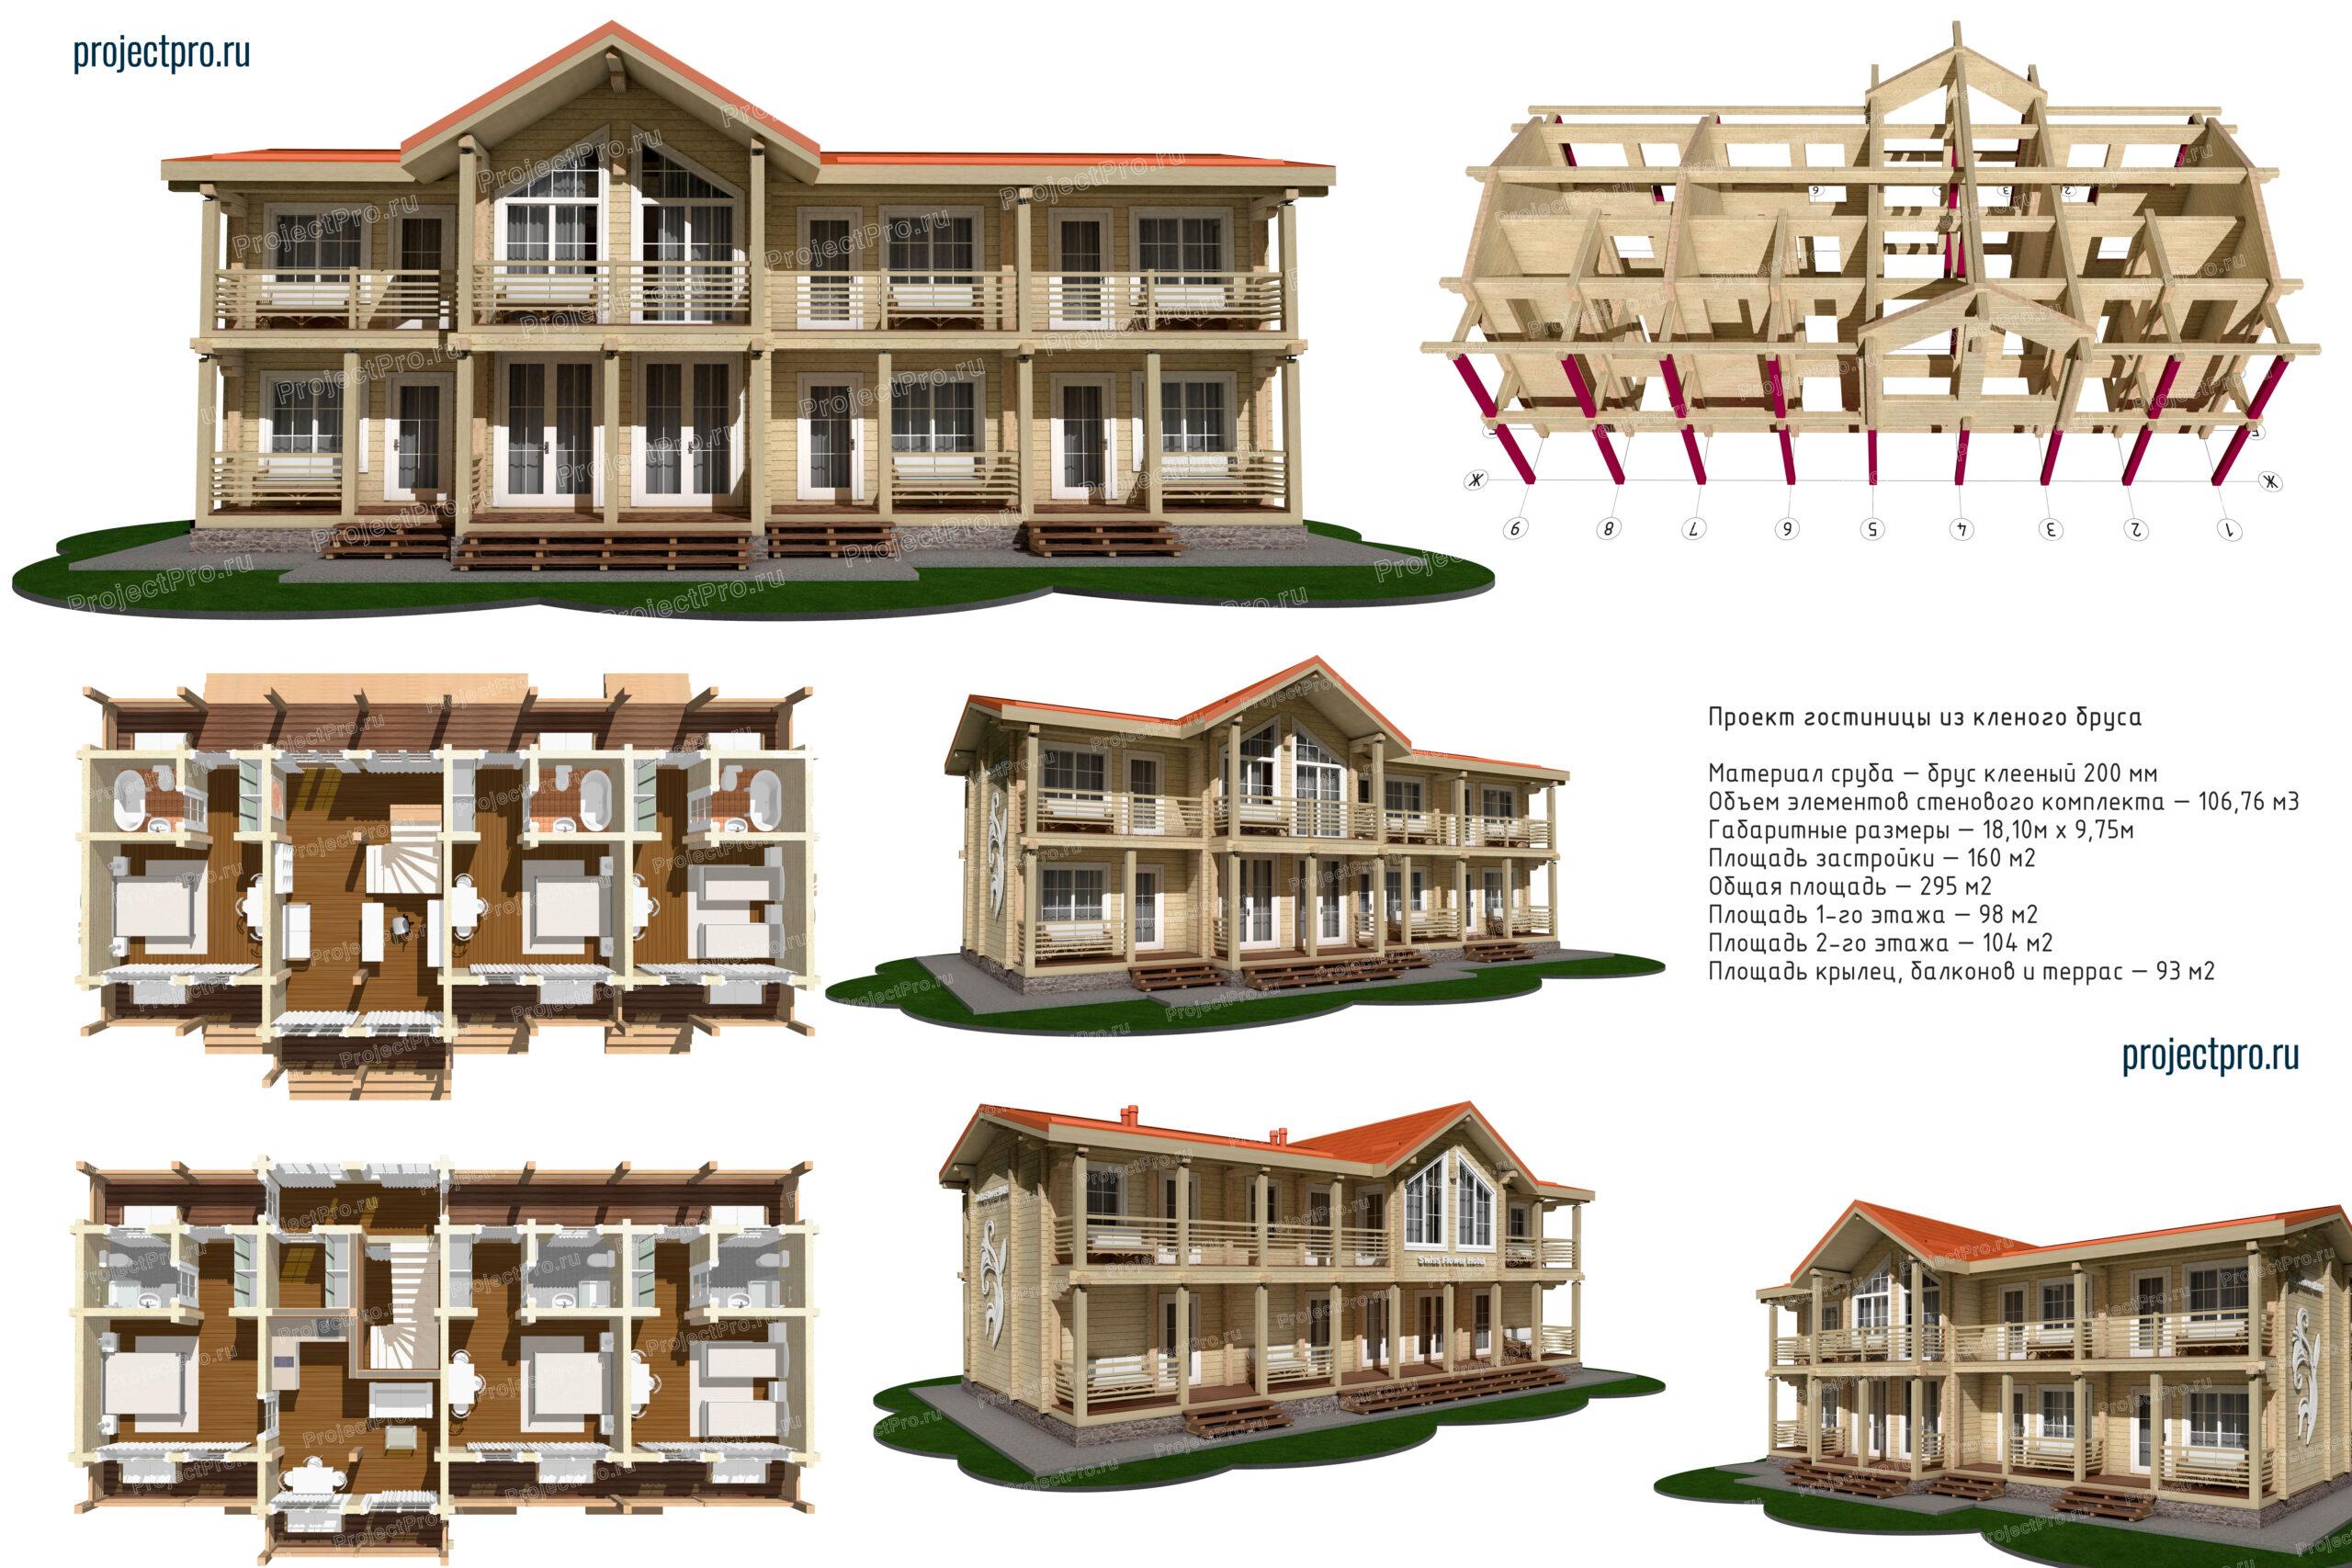 G-080 Проект гостиницы из клееного бруса